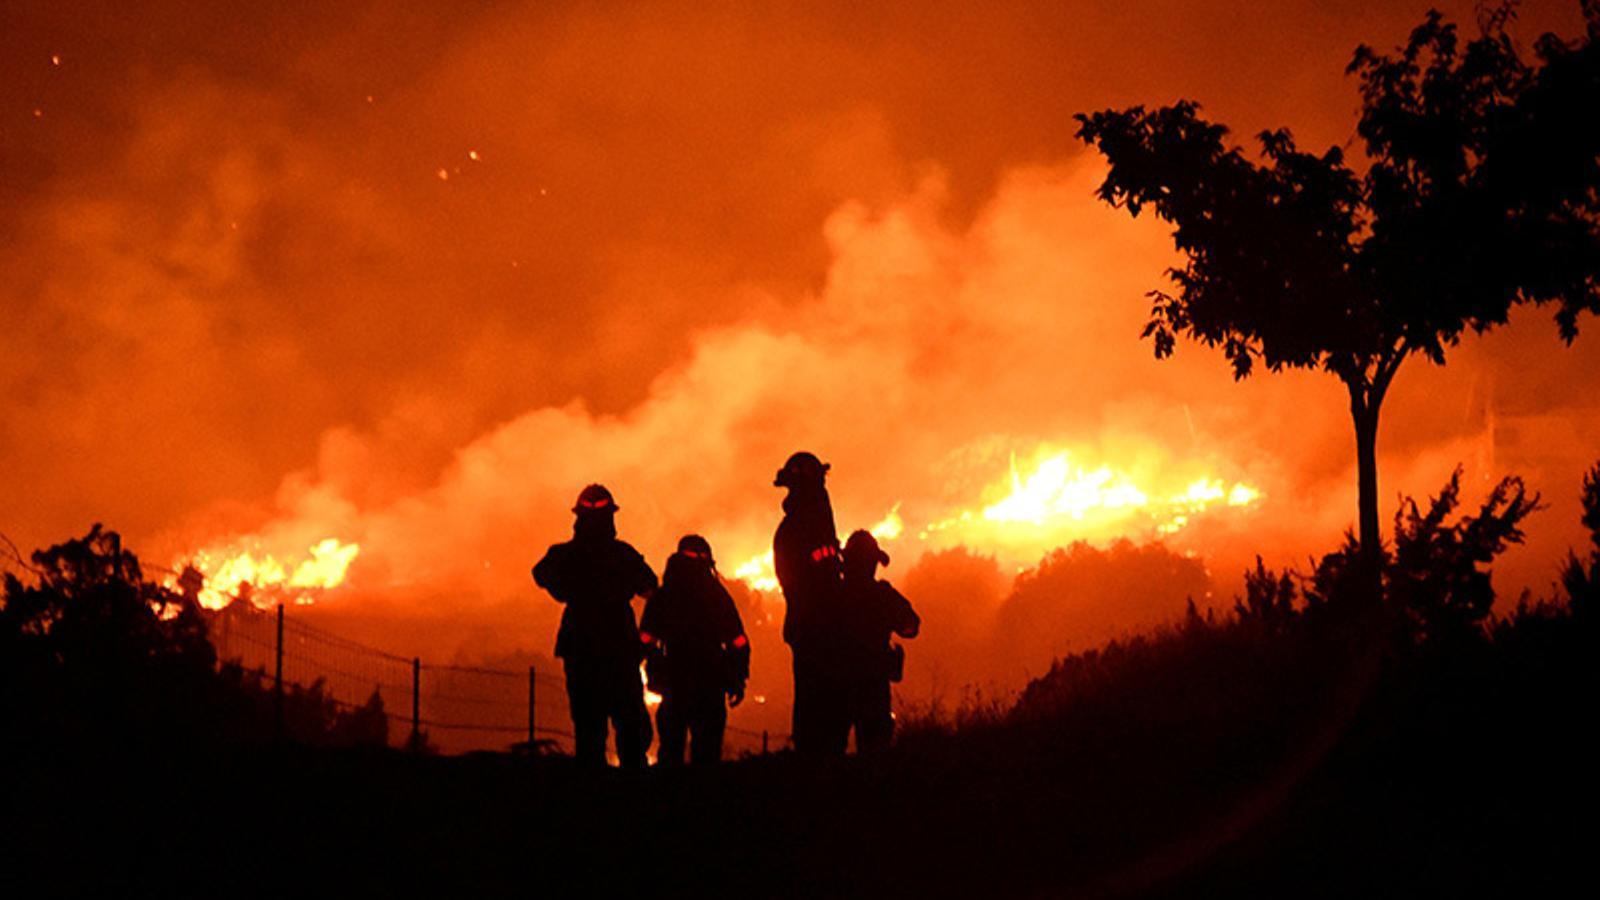 Els bombers de Califòrnia intentant controlar un incendi a prop de Los Angeles fa poques setmanes